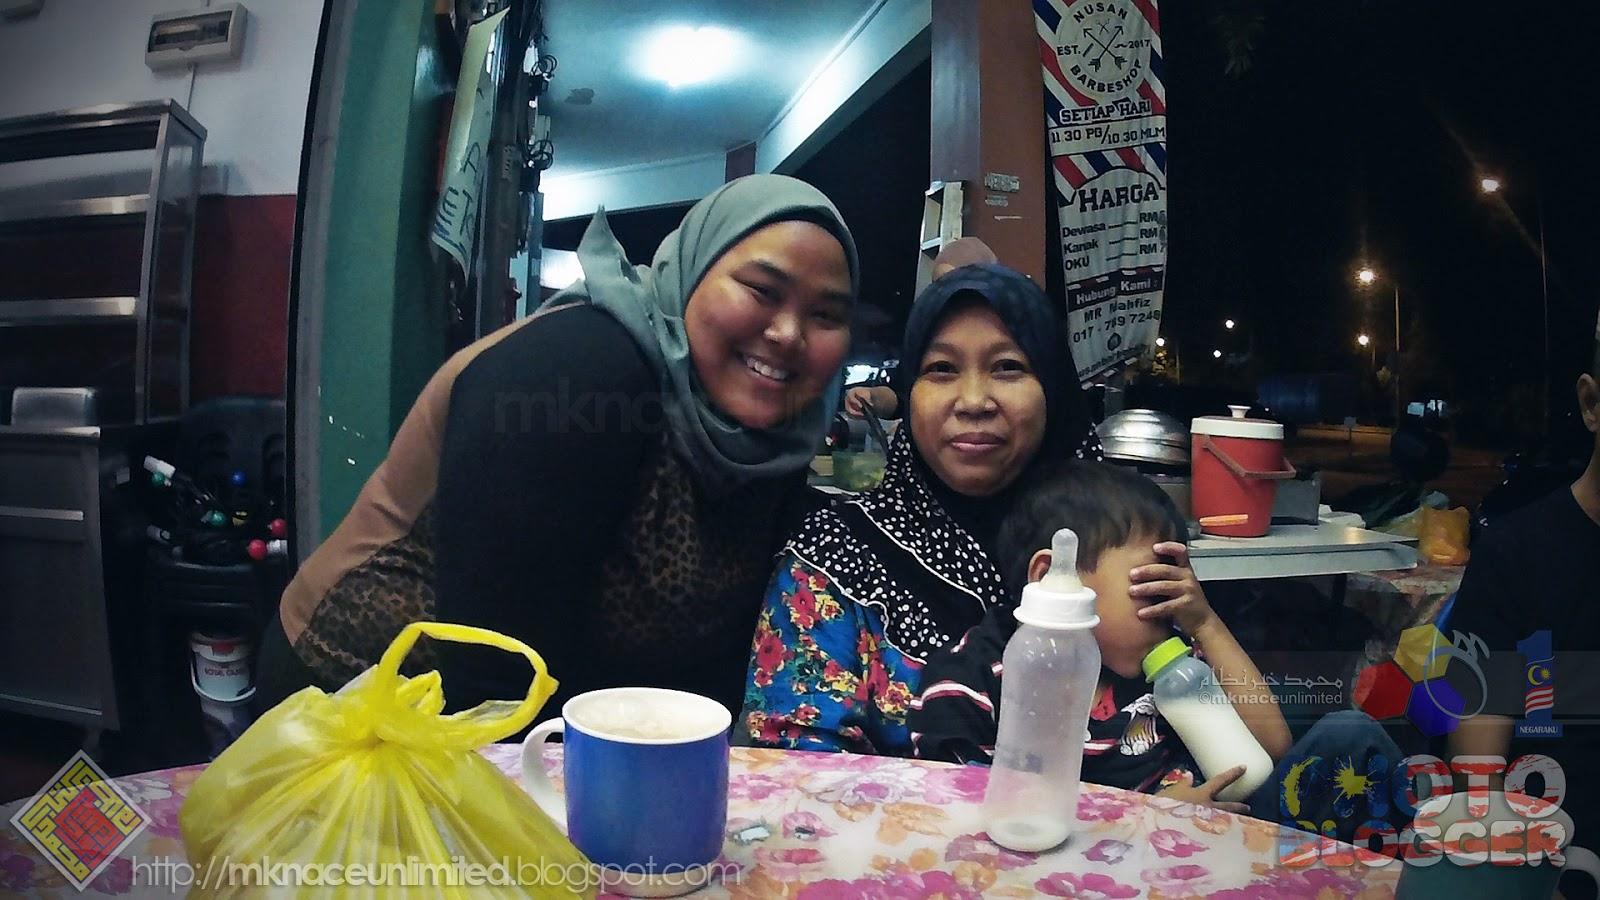 Jenjalan Cari Makan Restoran Dapur Mak Wan Mknace